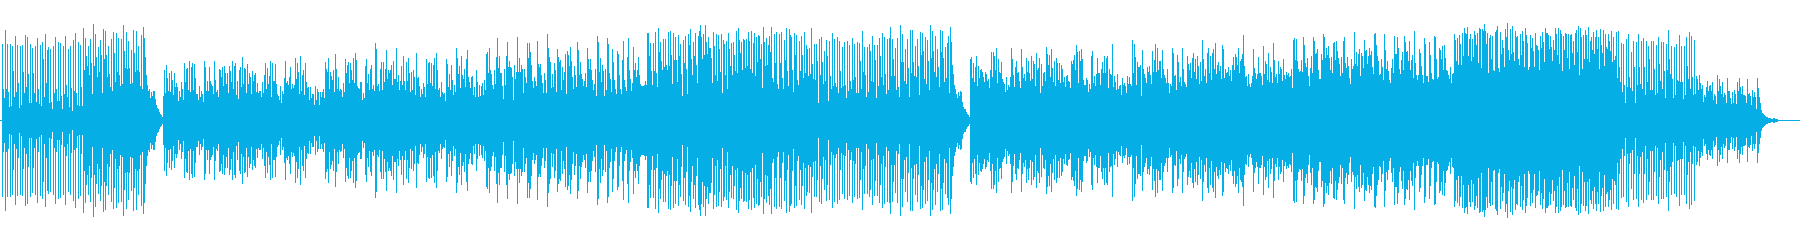 のんびりとした時間と空間を表現した和曲の再生済みの波形